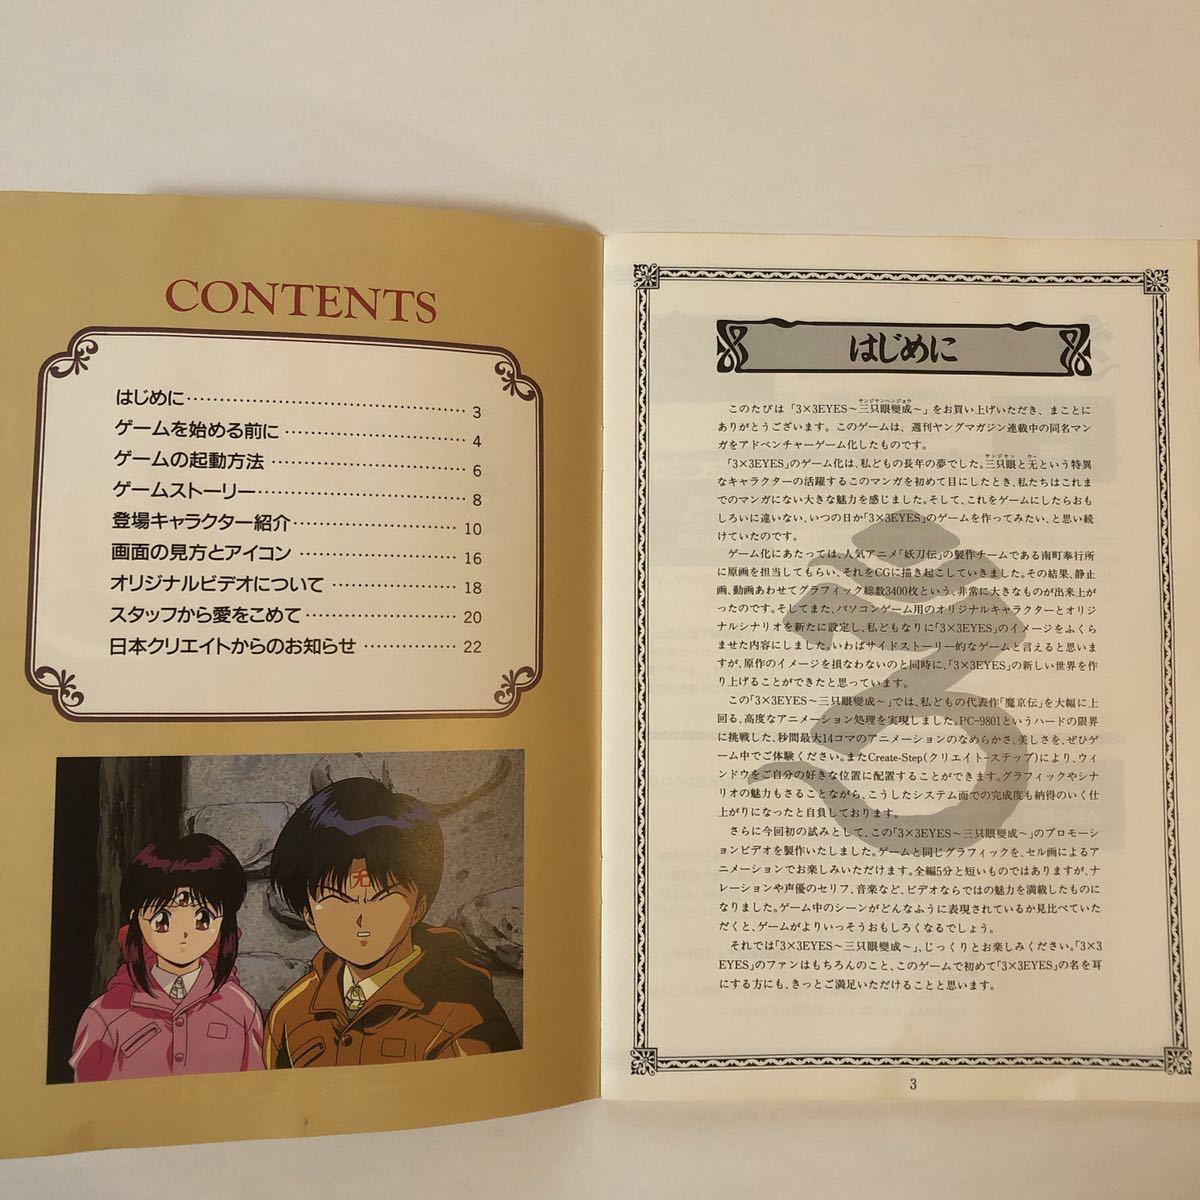 中古本 3x3EYES ~三只眼變成~ サザンアイズ PCゲーム PC9801 ユーザーマニュアル 取説のみ ソフトなし 日本クリエイト 高田裕三_画像3